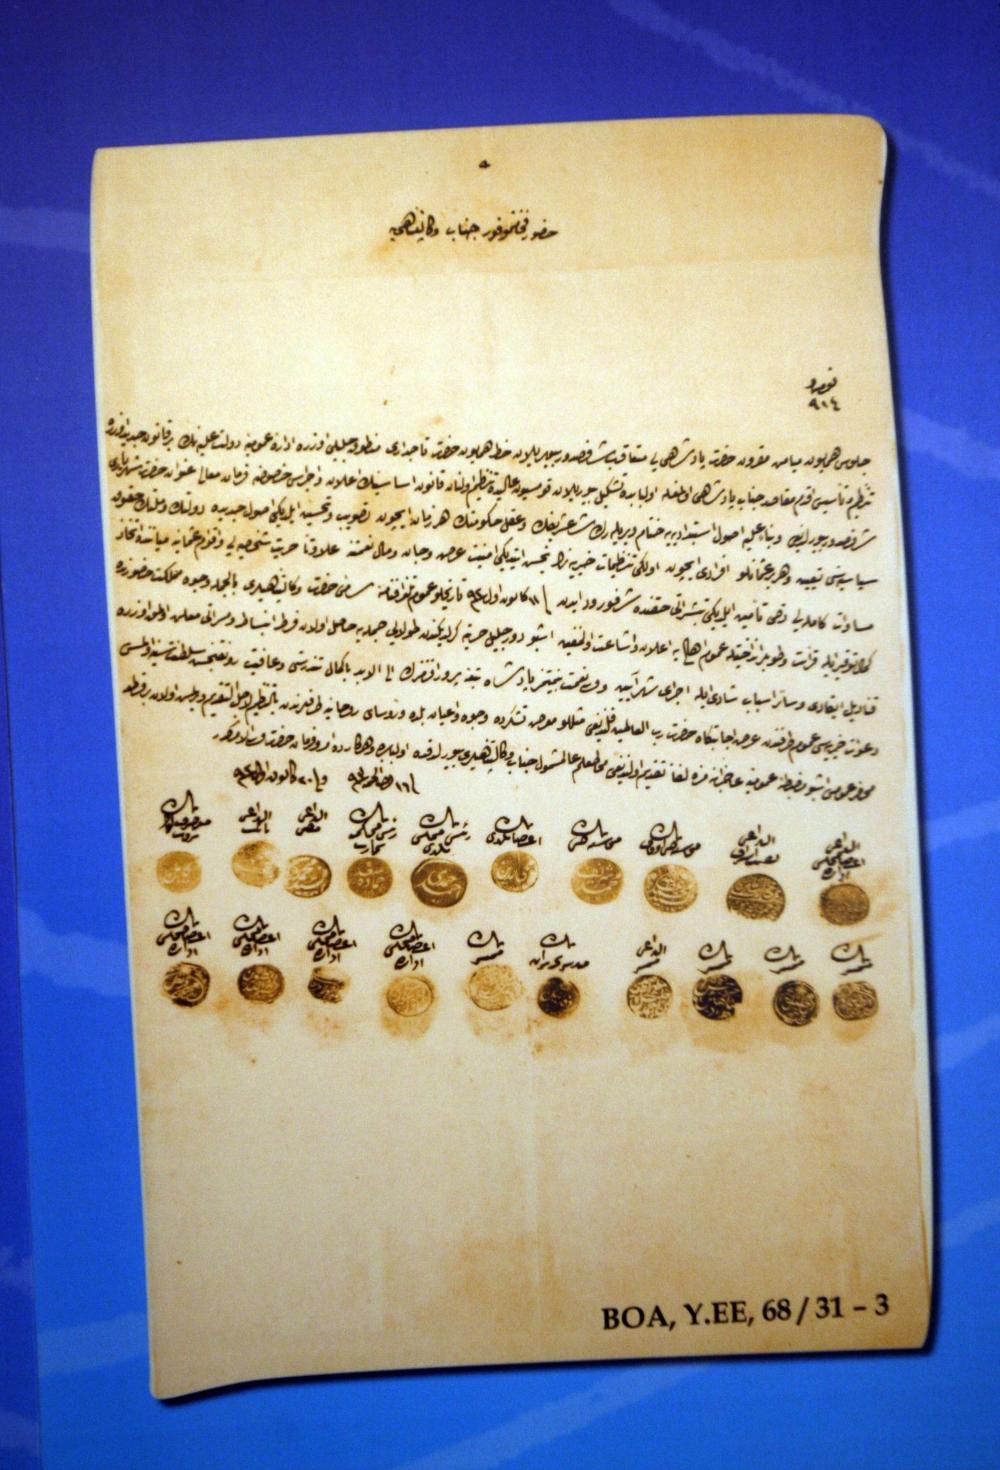 Osmanlı belgeleri Beyrut'ta sergileniyor 2